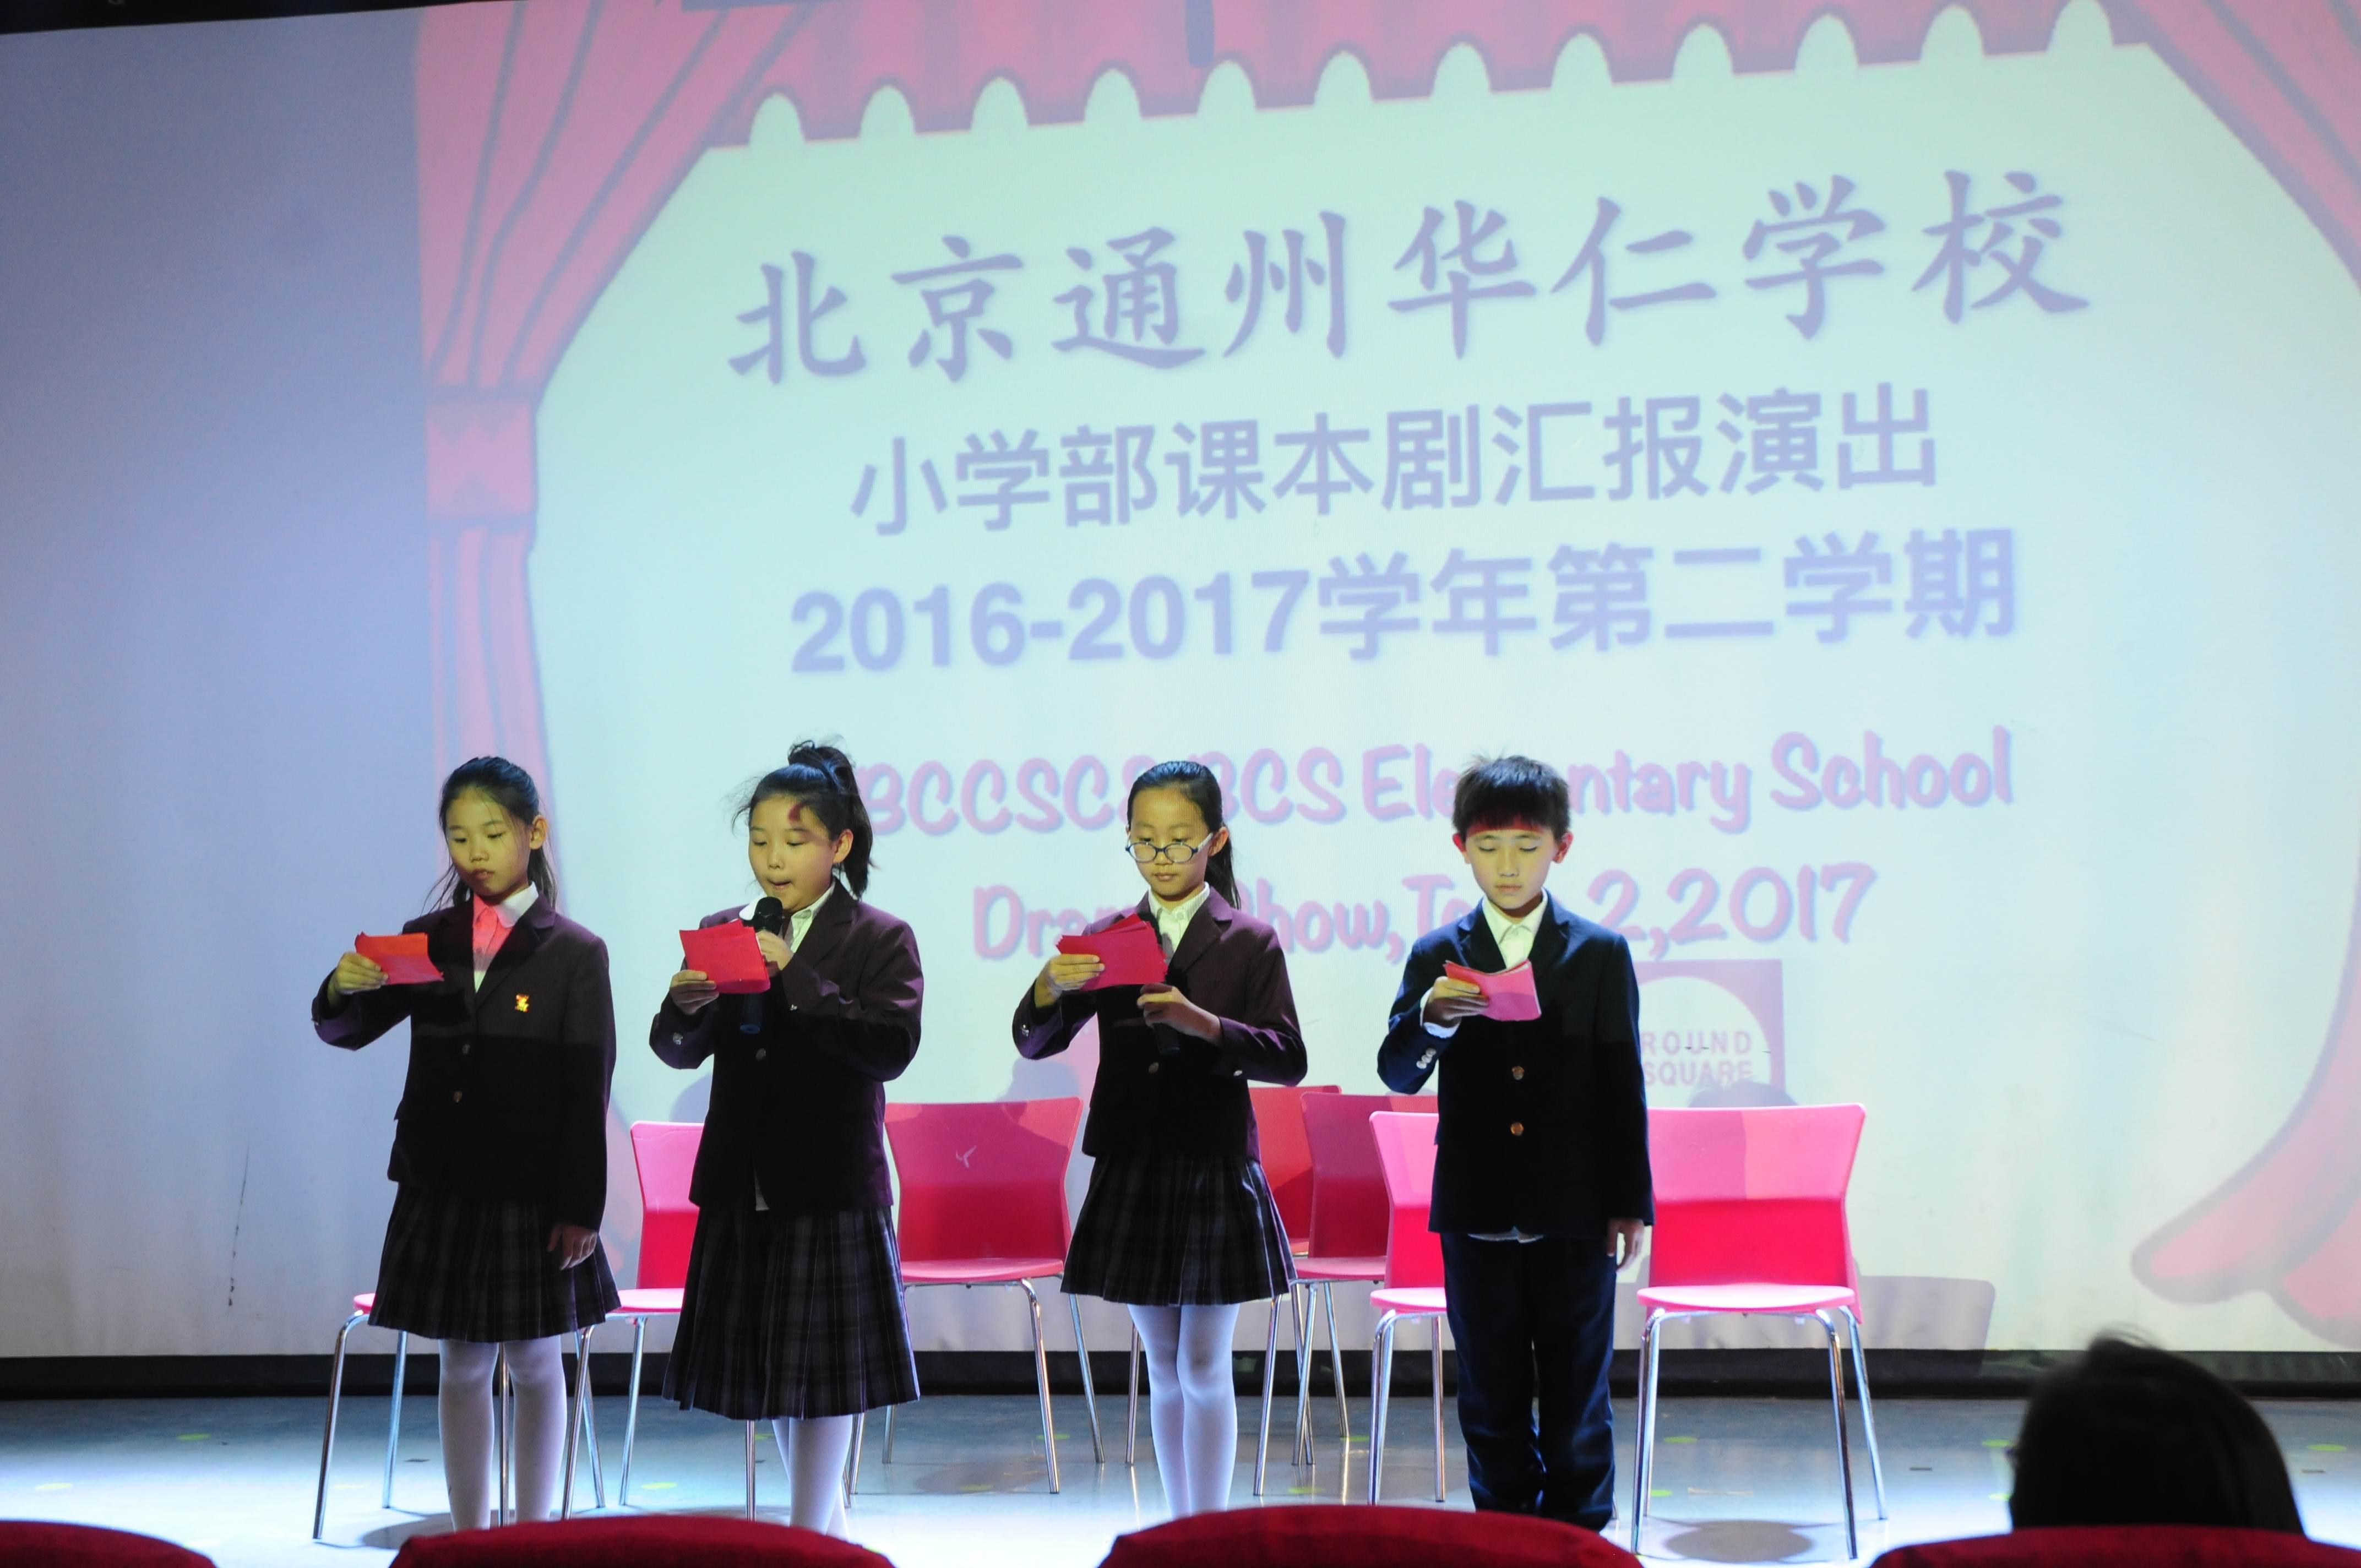 北京中加華仁學校小學部招生簡章